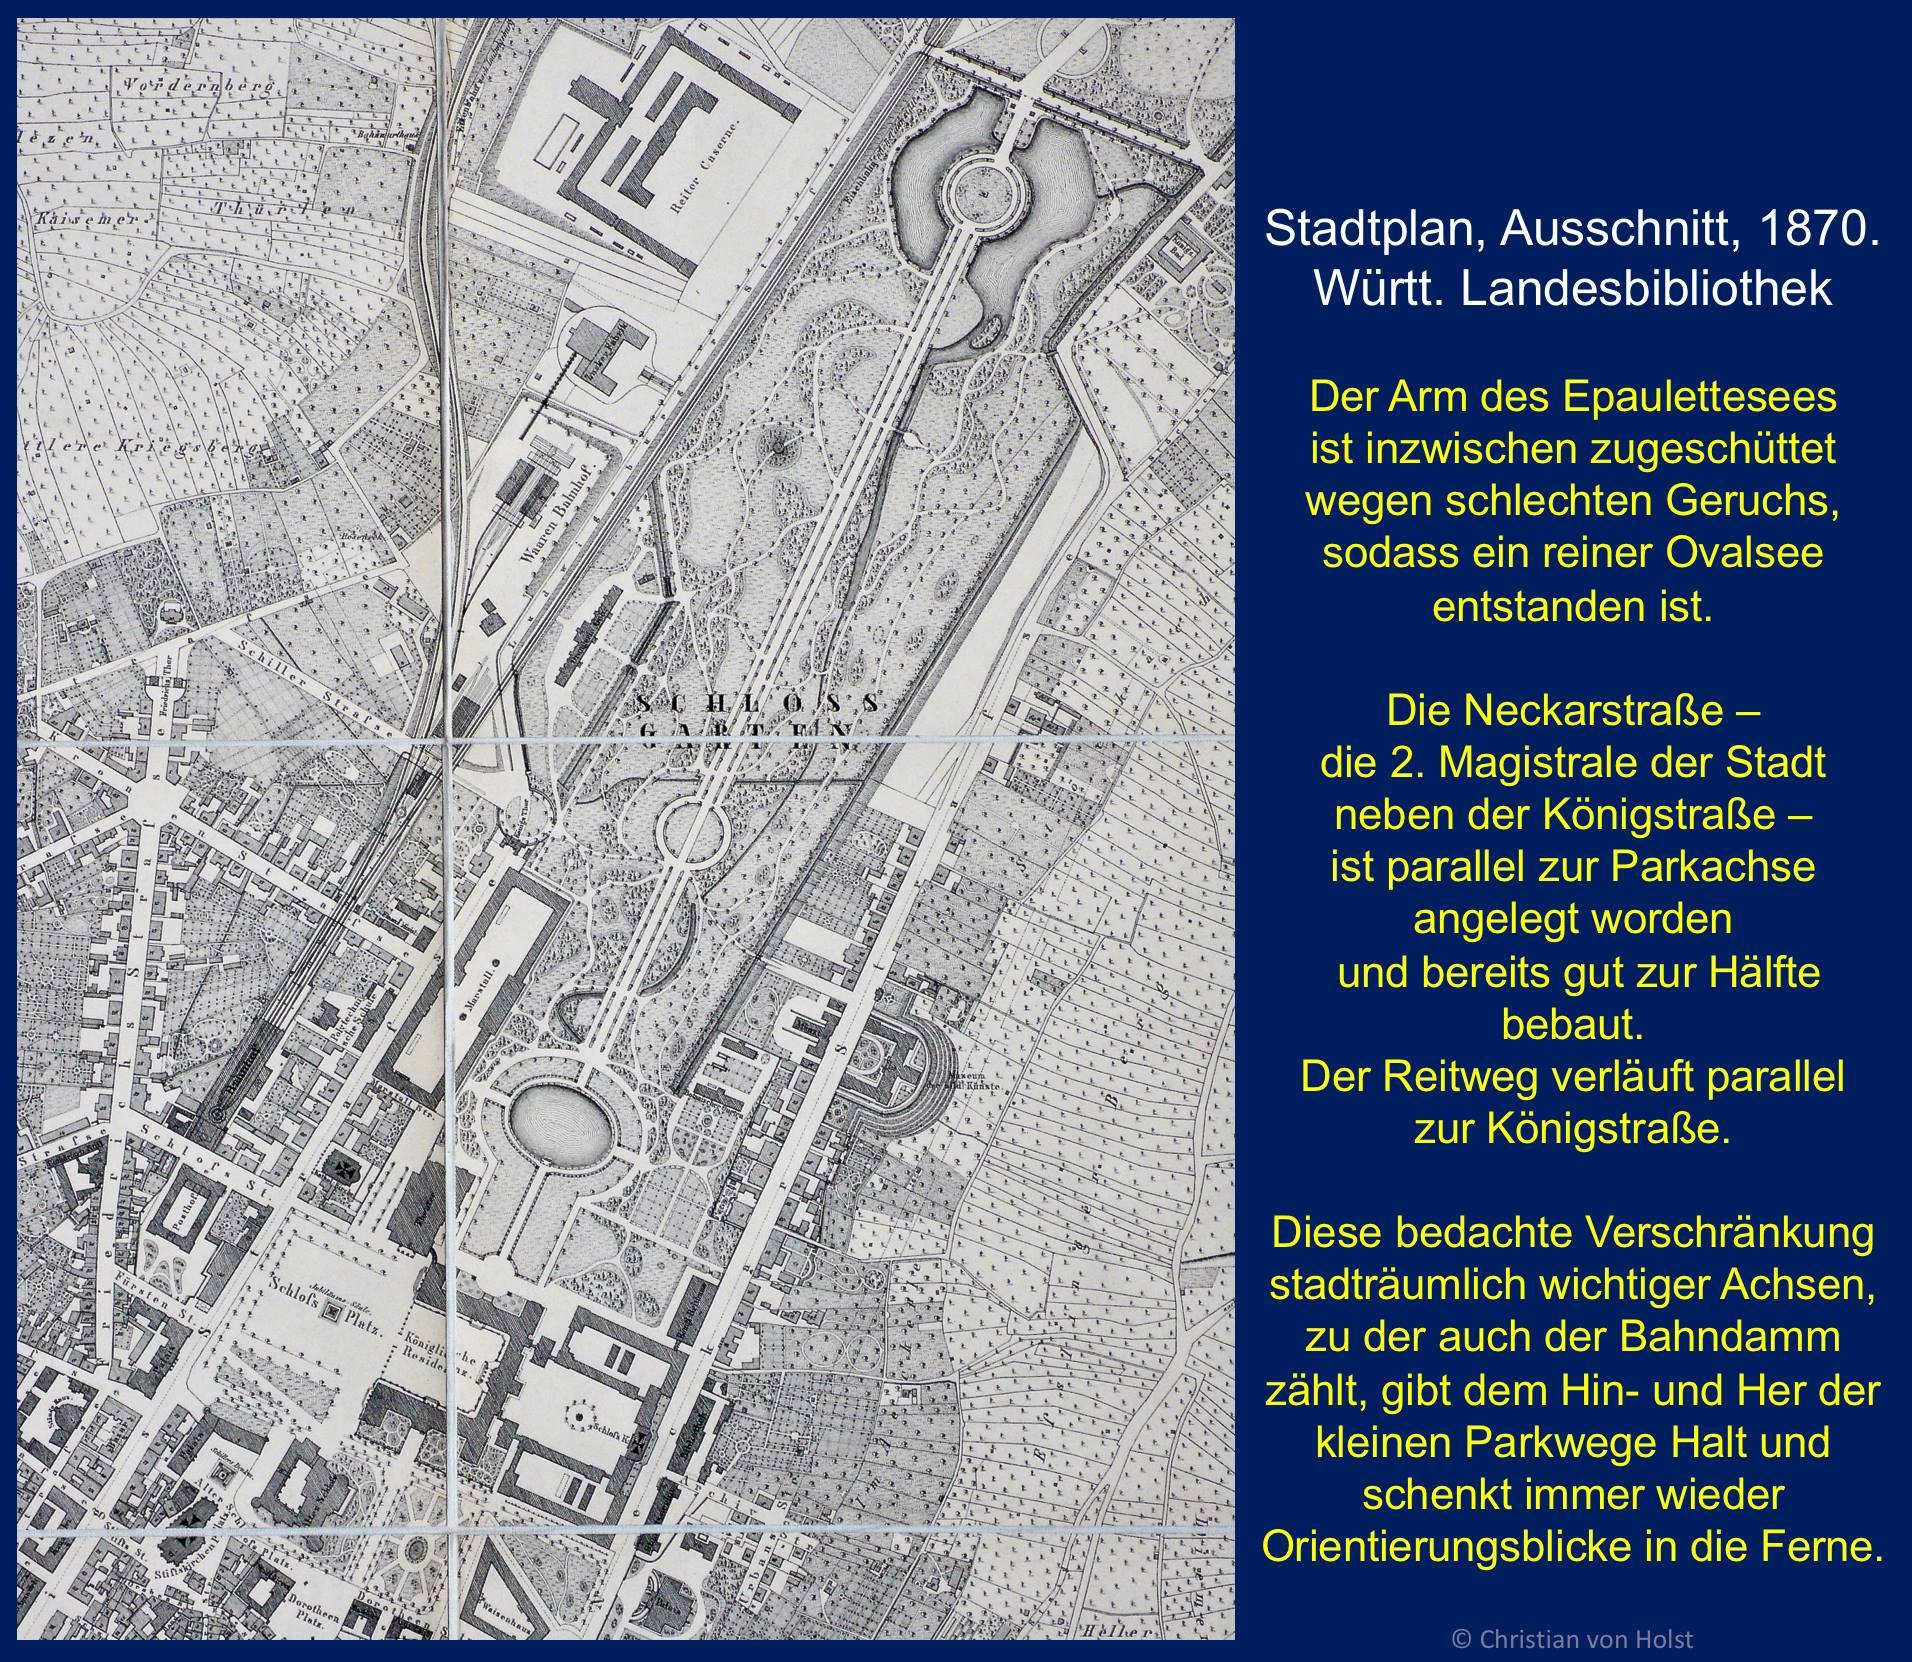 Ovalsee: Nikolaus Thouret, 1850-1941 – Stadtplan 1870 Thourets Konzept eindrucksvoll sichtbar